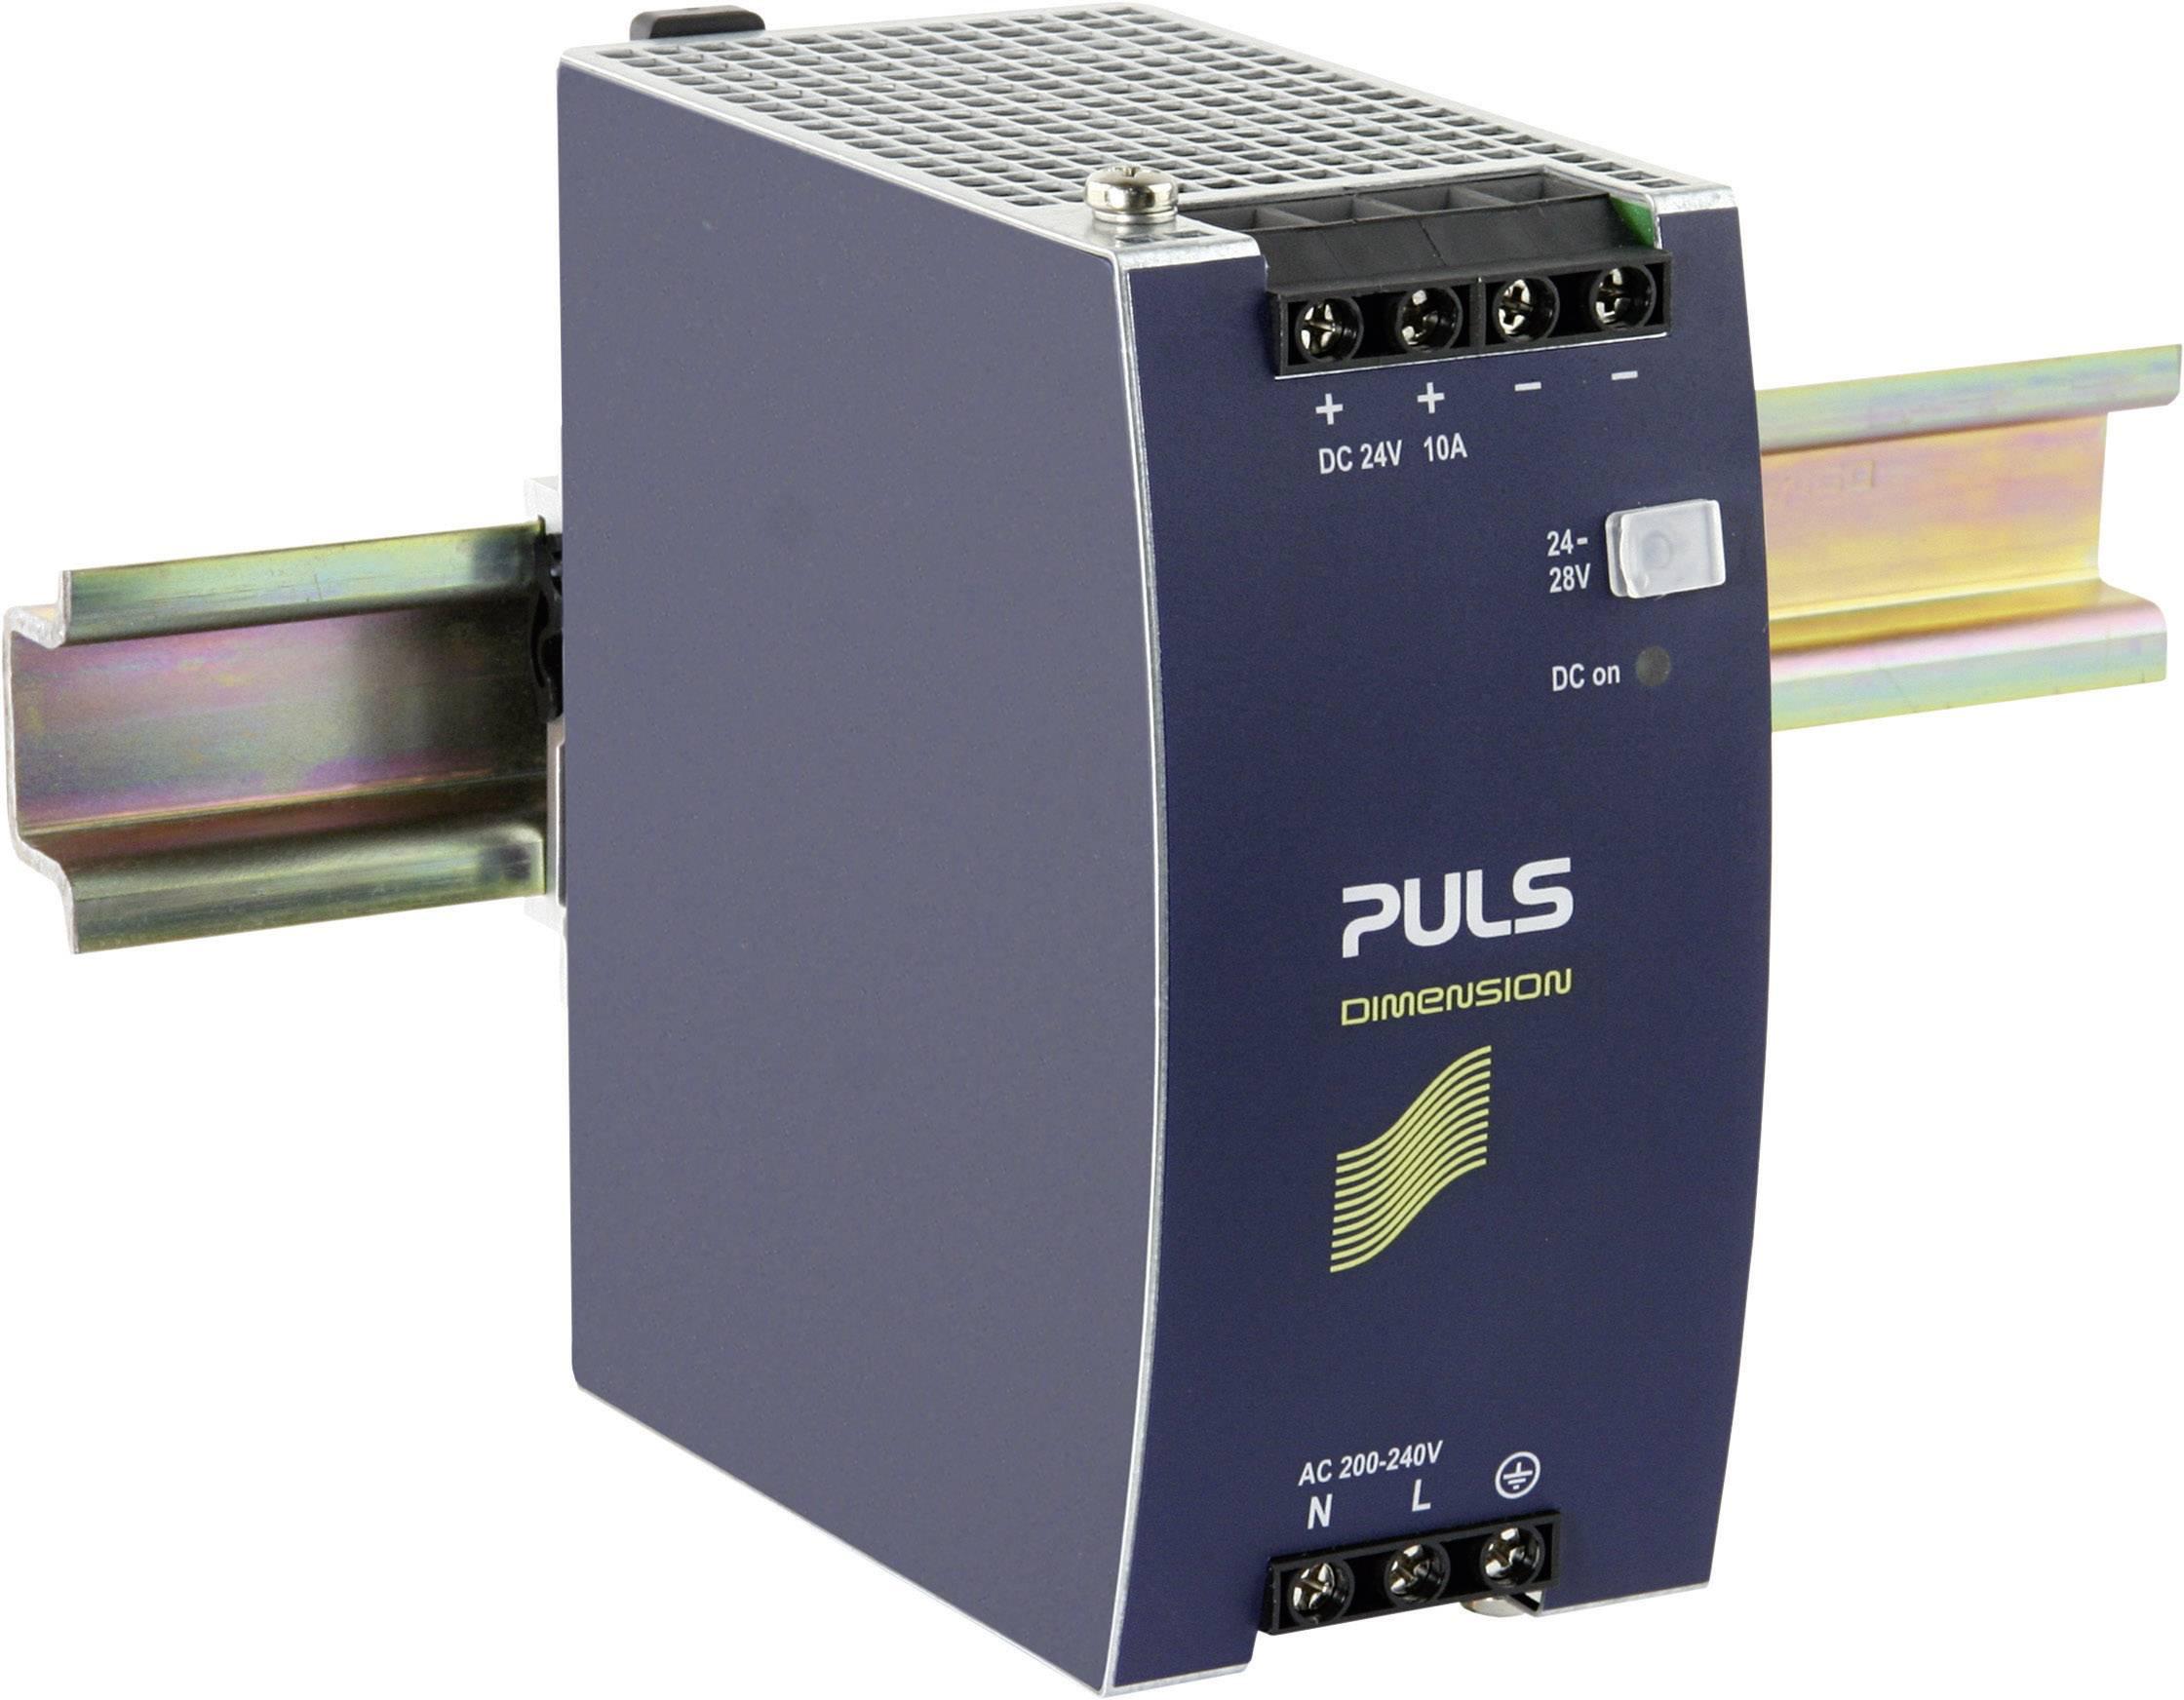 Sieťový zdroj na montážnu lištu (DIN lištu) PULS DIMENSION CS10.244, 1 x, 24 V/DC, 10 A, 240 W